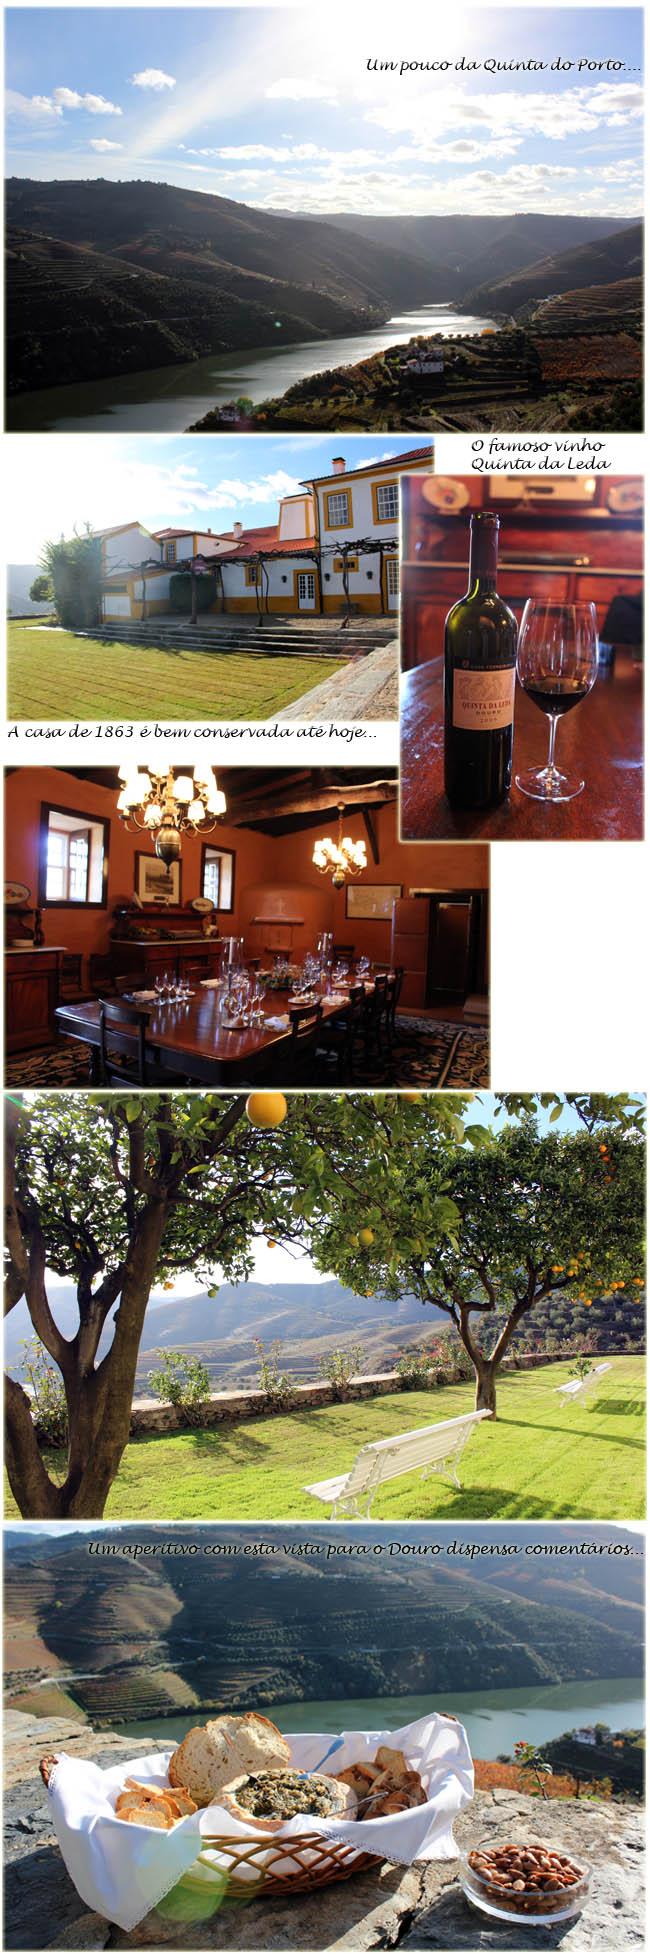 quinta do seio, quinta do porto, sogrape, porto, dicas do porto, viagem enogastronomica, portugal, dicas de portugal, vinhos de portugal